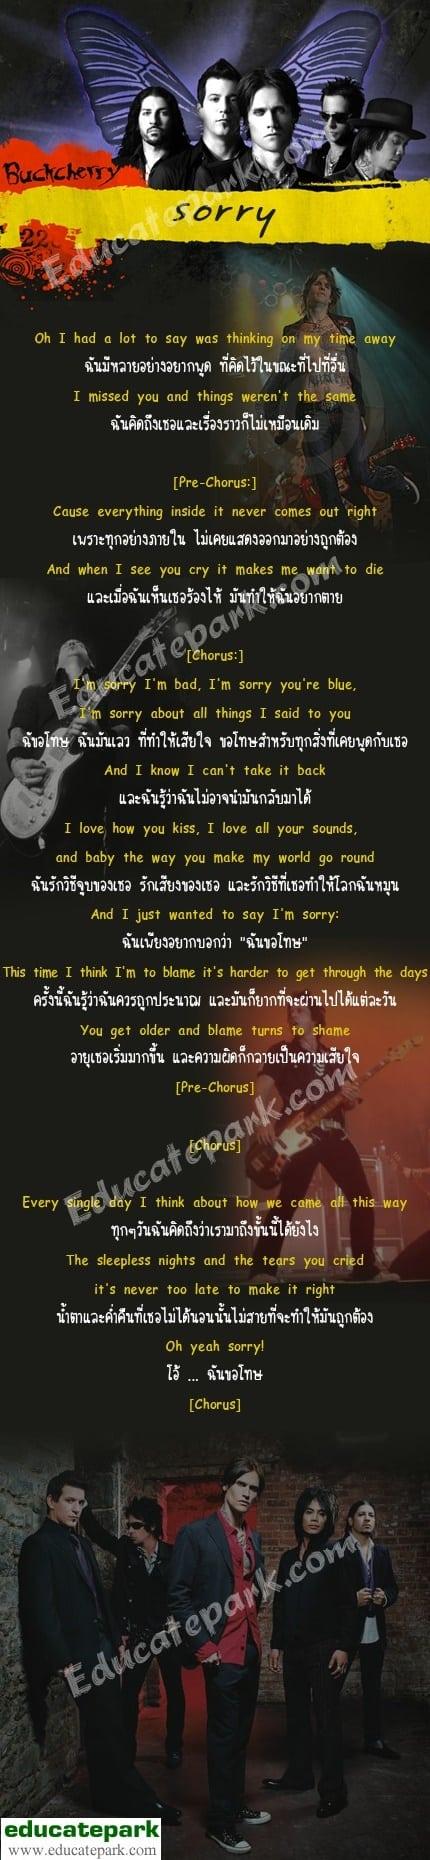 แปลเพลง Sorry - Buckcherry